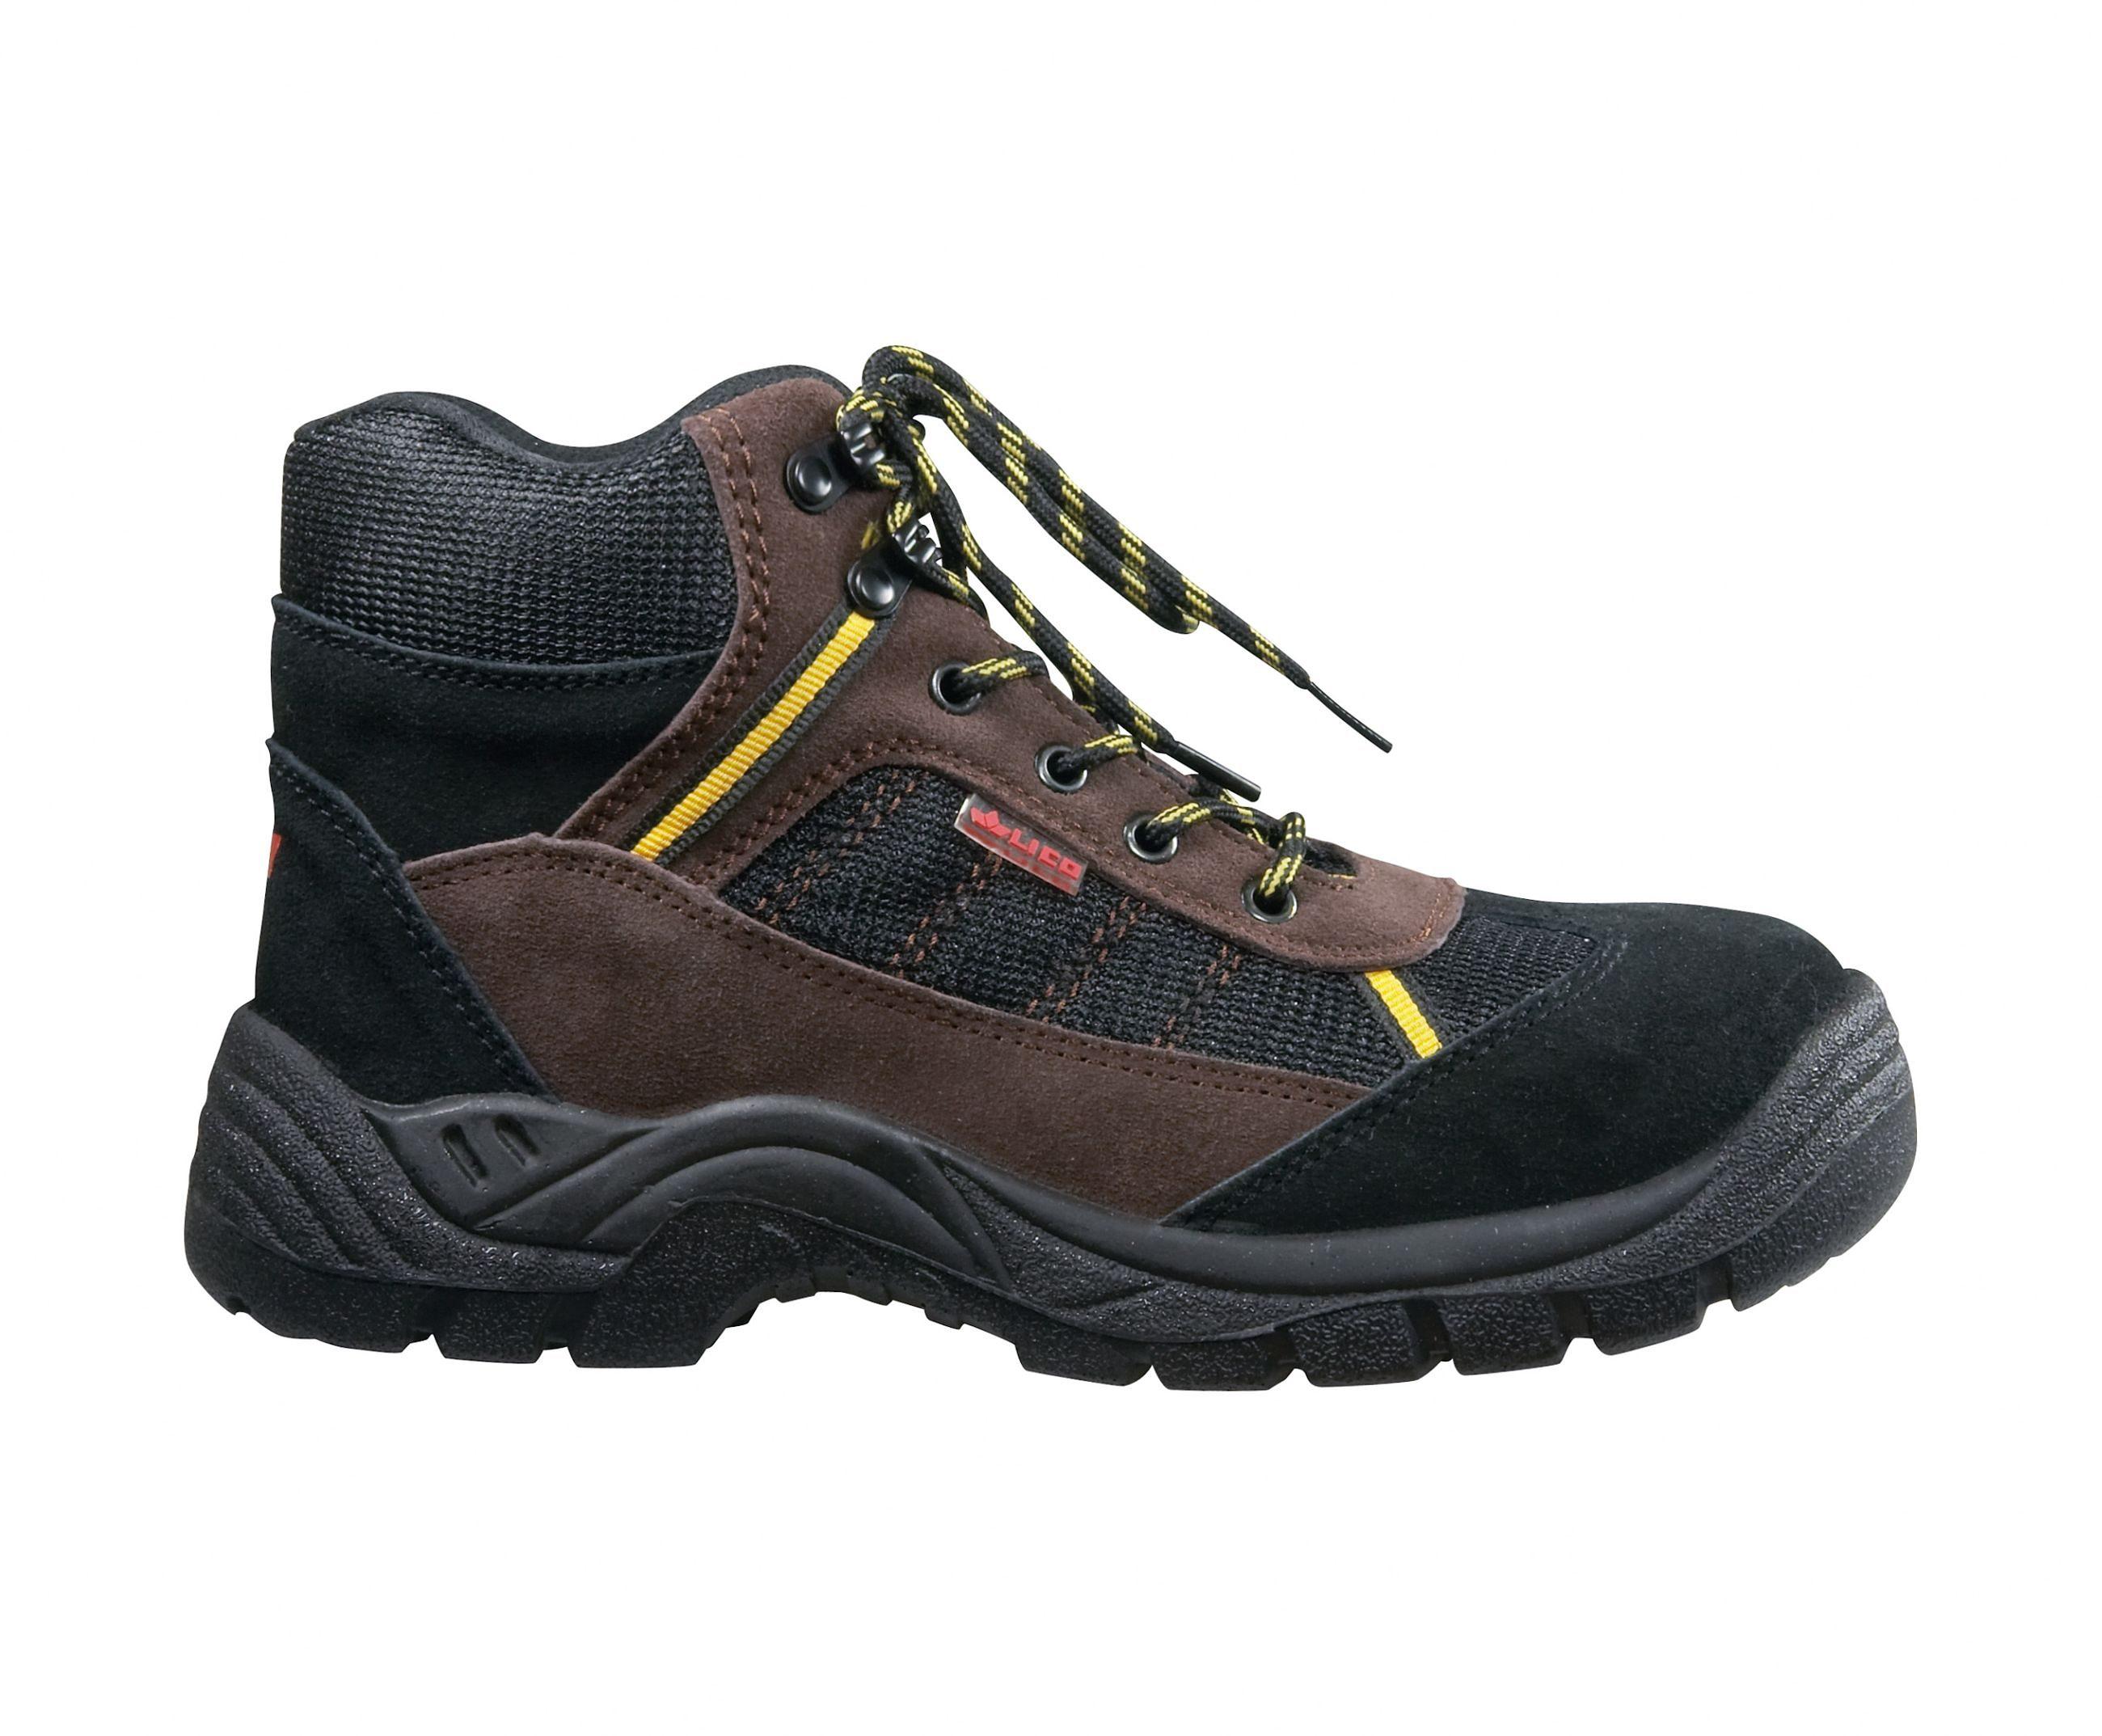 Chaussures De Sécurité Des Hommes De Sécurité Lico, Noir, Taille: 43